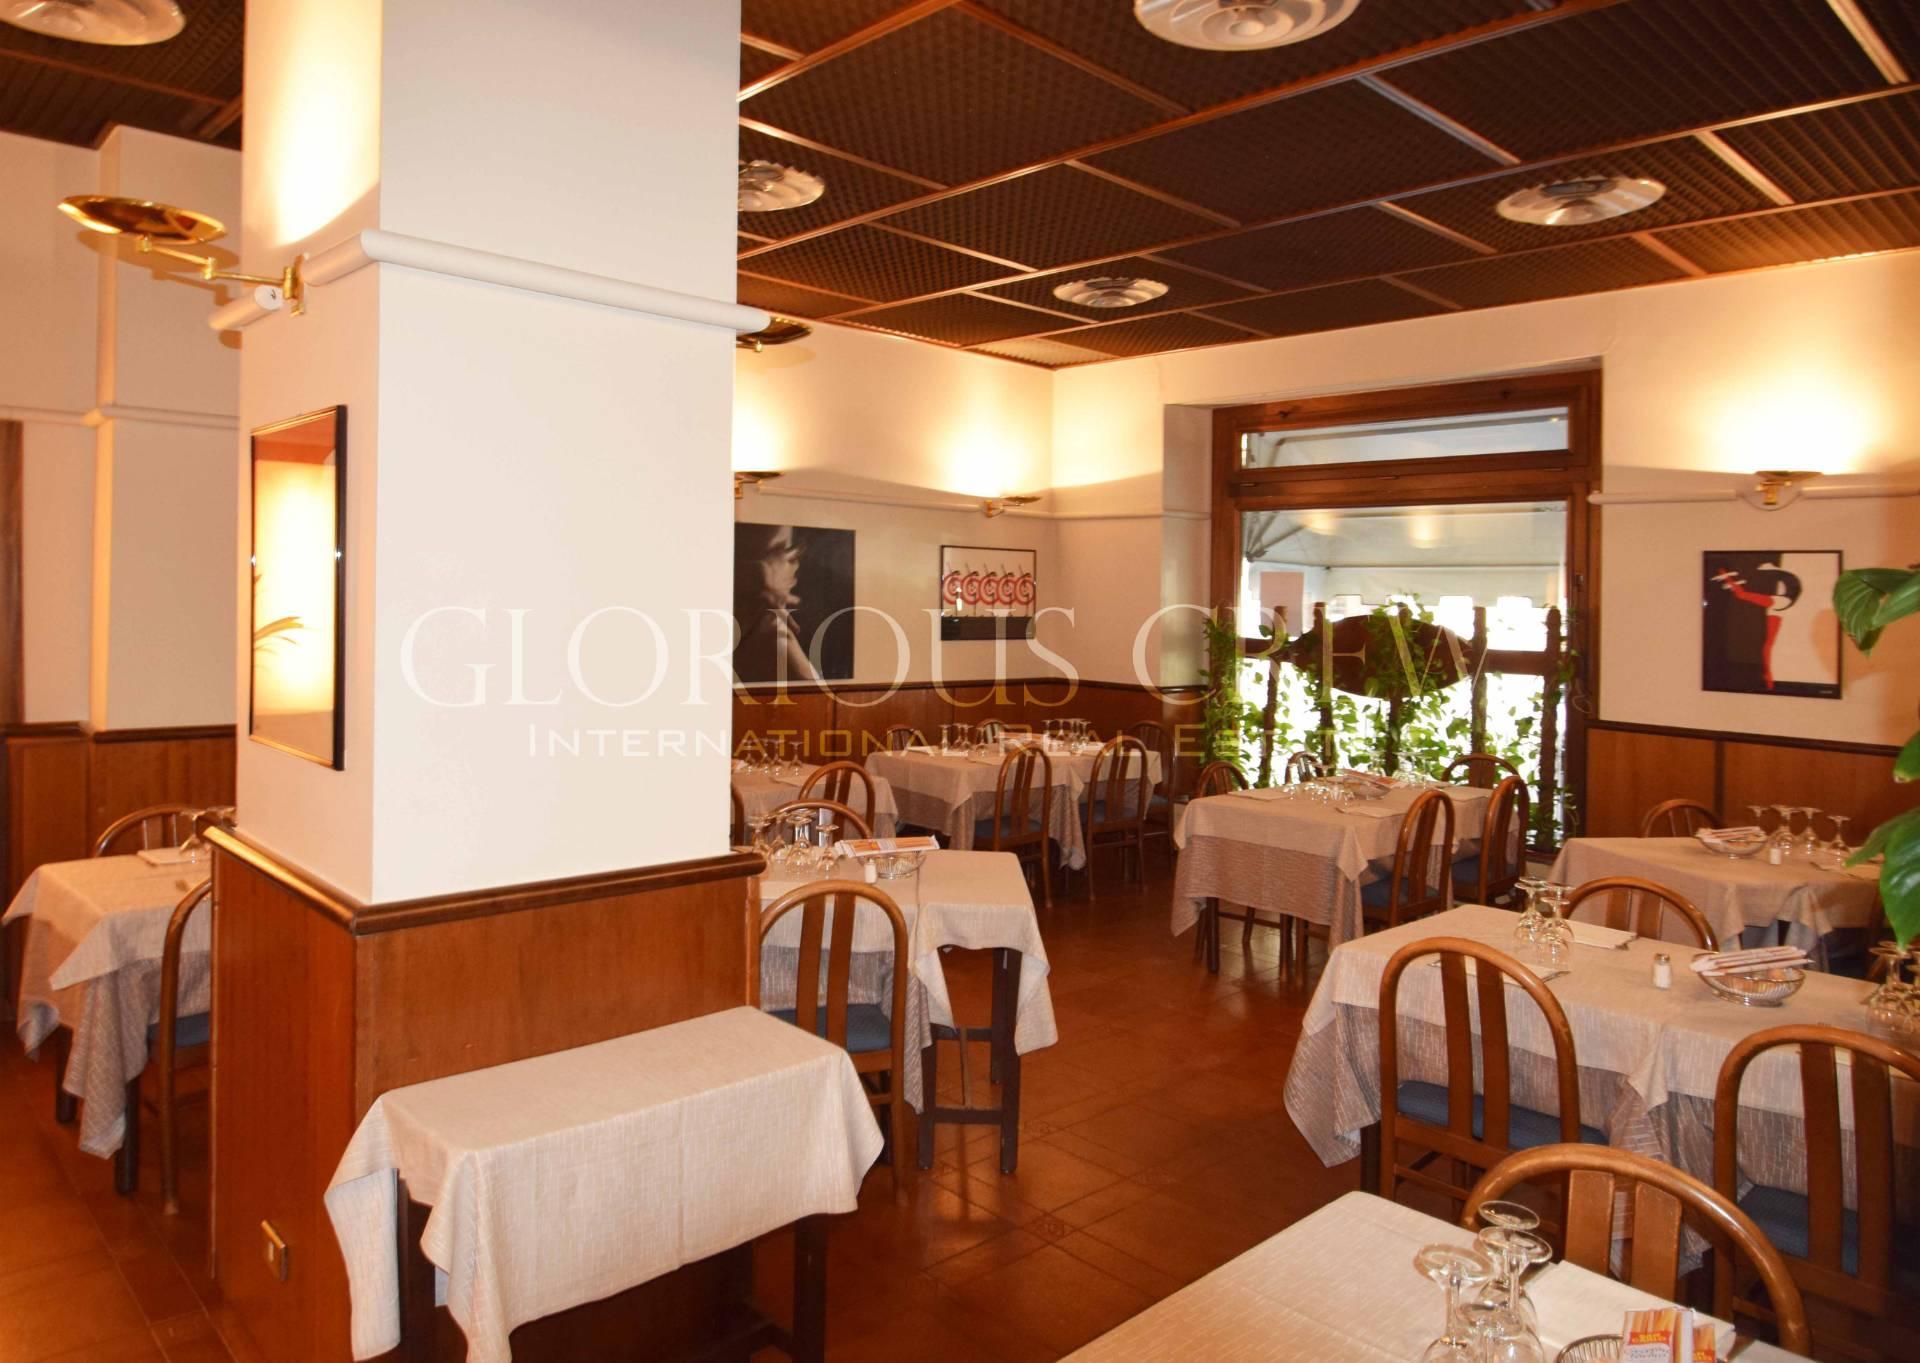 Negozio-locale in Vendita a Milano 01 Centro storico (Cerchia dei Navigli): 5 locali, 380 mq